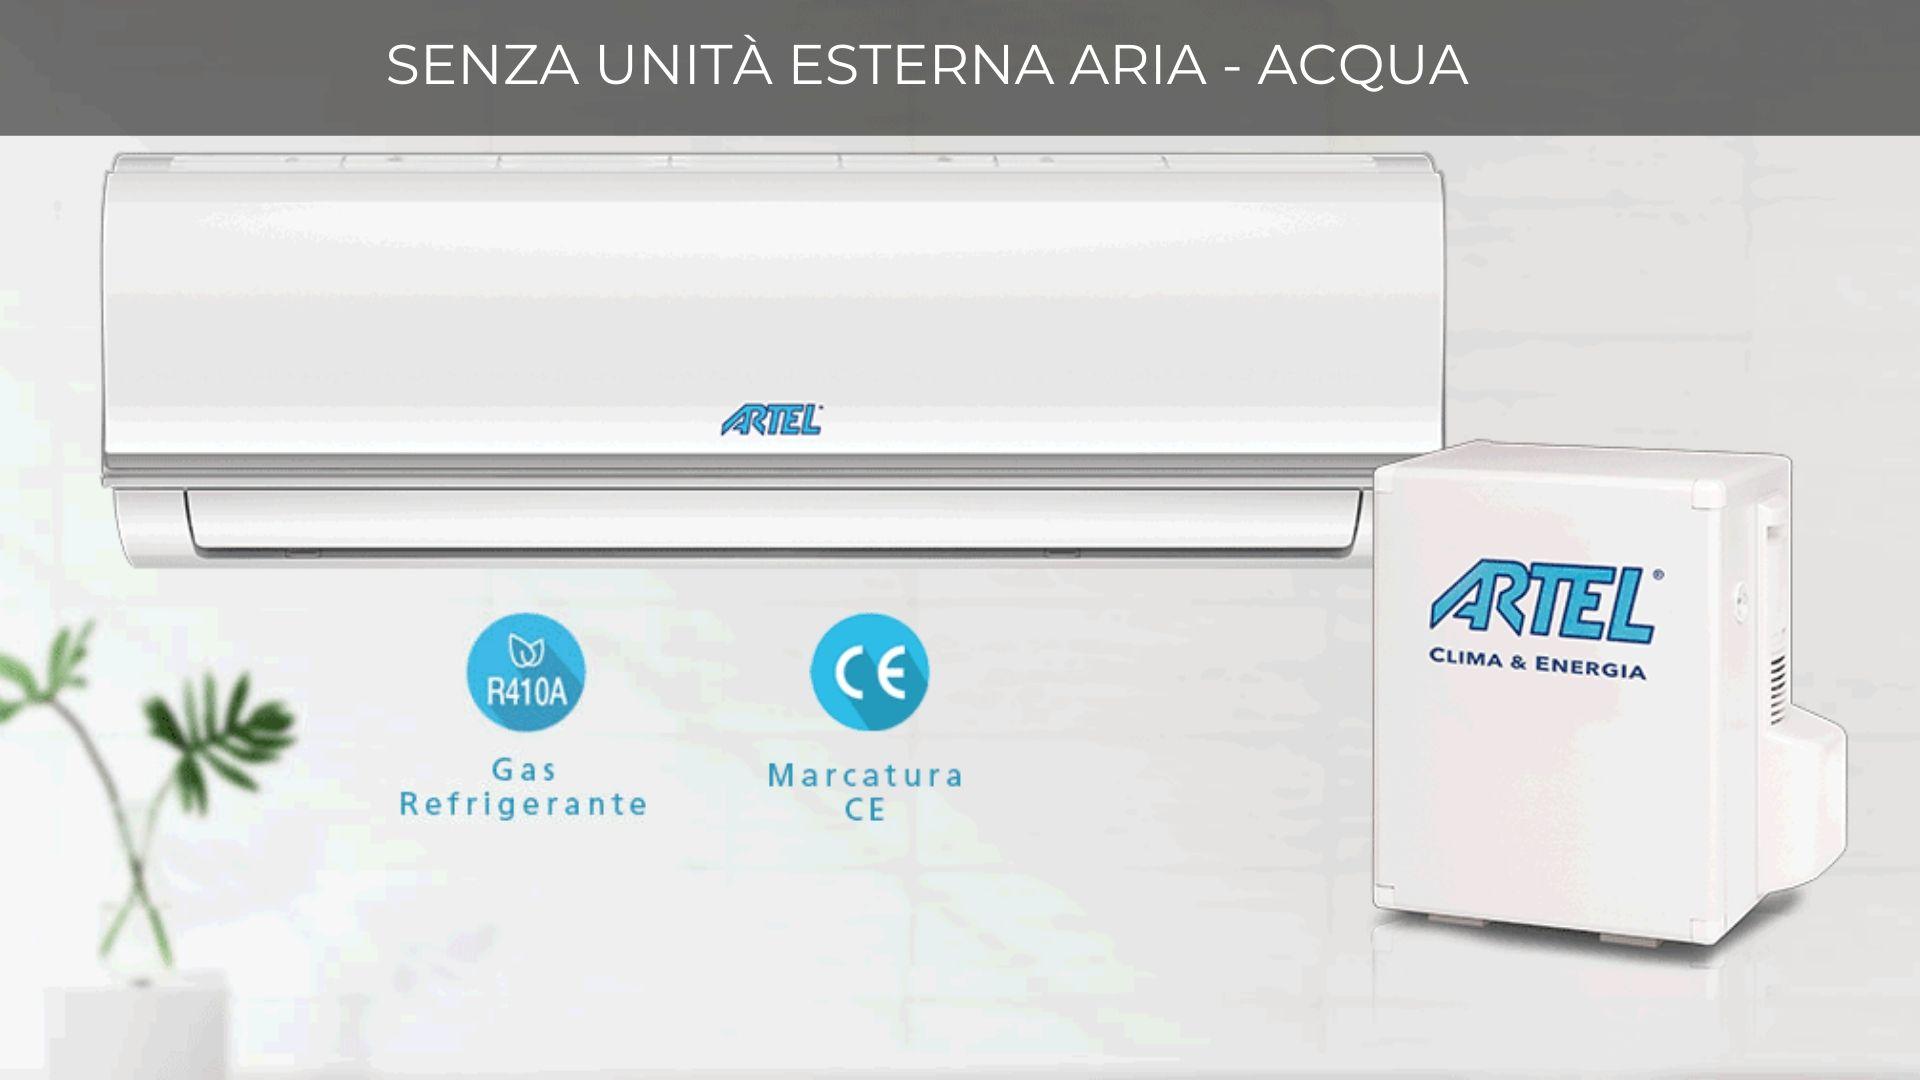 Gamma climatizzatori senza unità esterna aria – acqua Artel